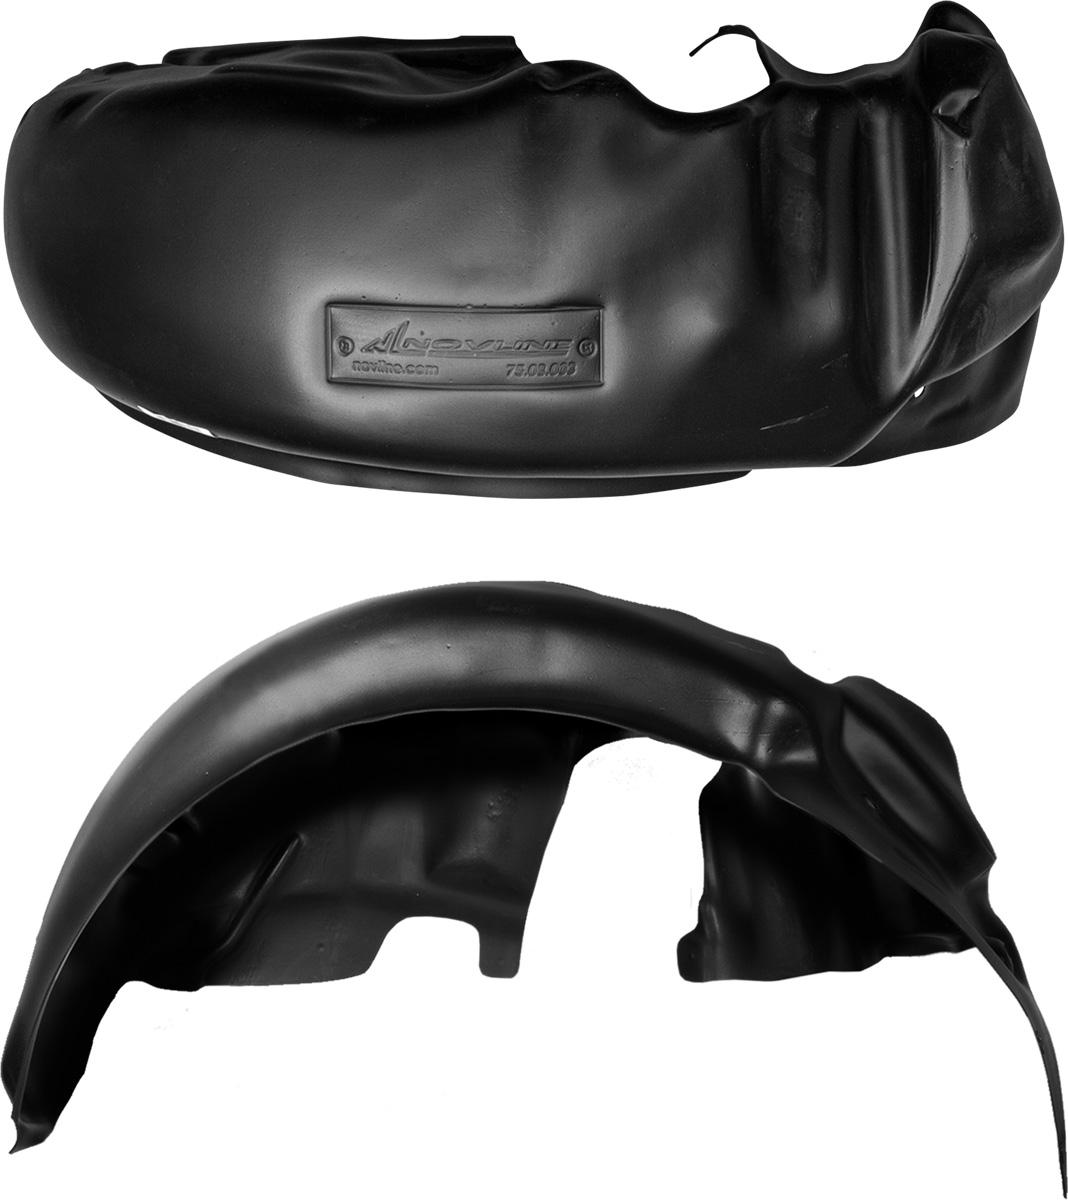 Подкрылок Novline-Autofamily, для Lada Priora, 2007 ->, передний правыйNLL.52.16.002Колесные ниши - одни из самых уязвимых зон днища вашего автомобиля. Они постоянно подвергаются воздействию со стороны дороги. Лучшая, почти абсолютная защита для них - специально отформованные пластиковые кожухи, которые называются подкрылками. Производятся они как для отечественных моделей автомобилей, так и для иномарок. Подкрылки Novline-Autofamily выполнены из высококачественного, экологически чистого пластика. Обеспечивают надежную защиту кузова автомобиля от пескоструйного эффекта и негативного влияния, агрессивных антигололедных реагентов. Пластик обладает более низкой теплопроводностью, чем металл, поэтому в зимний период эксплуатации использование пластиковых подкрылков позволяет лучше защитить колесные ниши от налипания снега и образования наледи. Оригинальность конструкции подчеркивает элегантность автомобиля, бережно защищает нанесенное на днище кузова антикоррозийное покрытие и позволяет осуществить крепление подкрылков внутри колесной арки практически без дополнительного крепежа и сверления, не нарушая при этом лакокрасочного покрытия, что предотвращает возникновение новых очагов коррозии. Подкрылки долговечны, обладают высокой прочностью и сохраняют заданную форму, а также все свои физико-механические характеристики в самых тяжелых климатических условиях (от -50°С до +50°С).Уважаемые клиенты!Обращаем ваше внимание, на тот факт, что подкрылок имеет форму, соответствующую модели данного автомобиля. Фото служит для визуального восприятия товара.